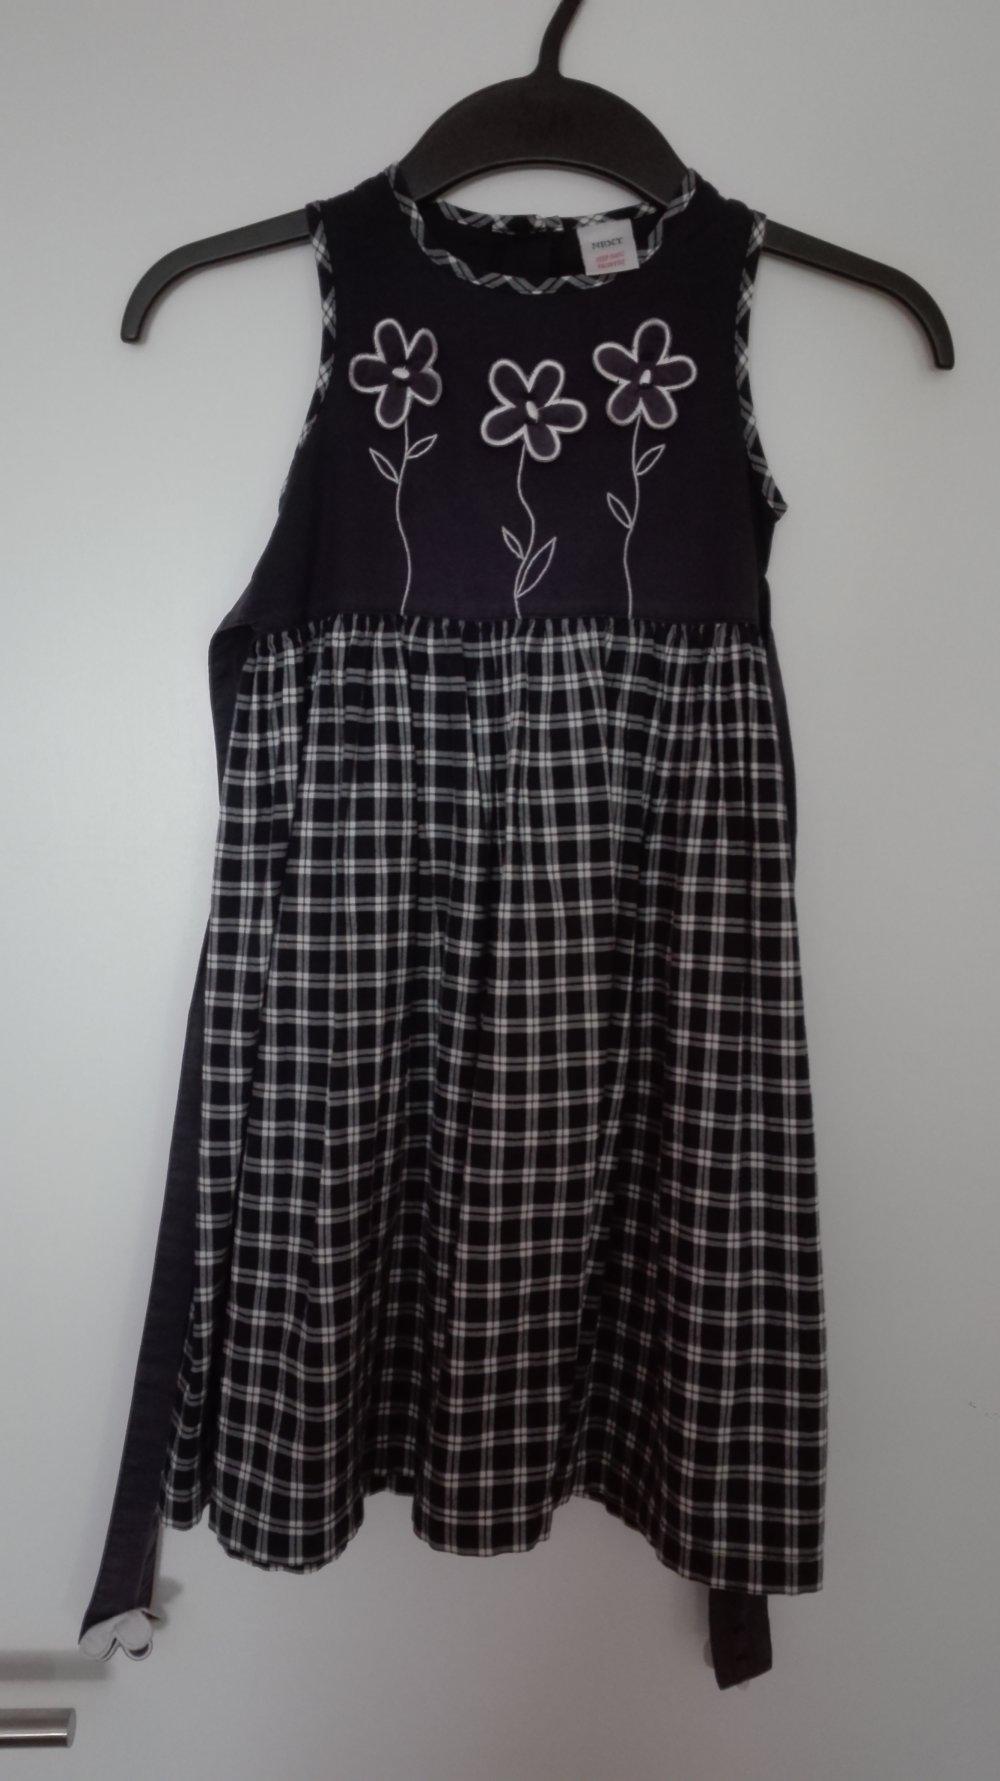 next - Next - dunkelblau kariertes Kleid mit Blumen, Gr ...